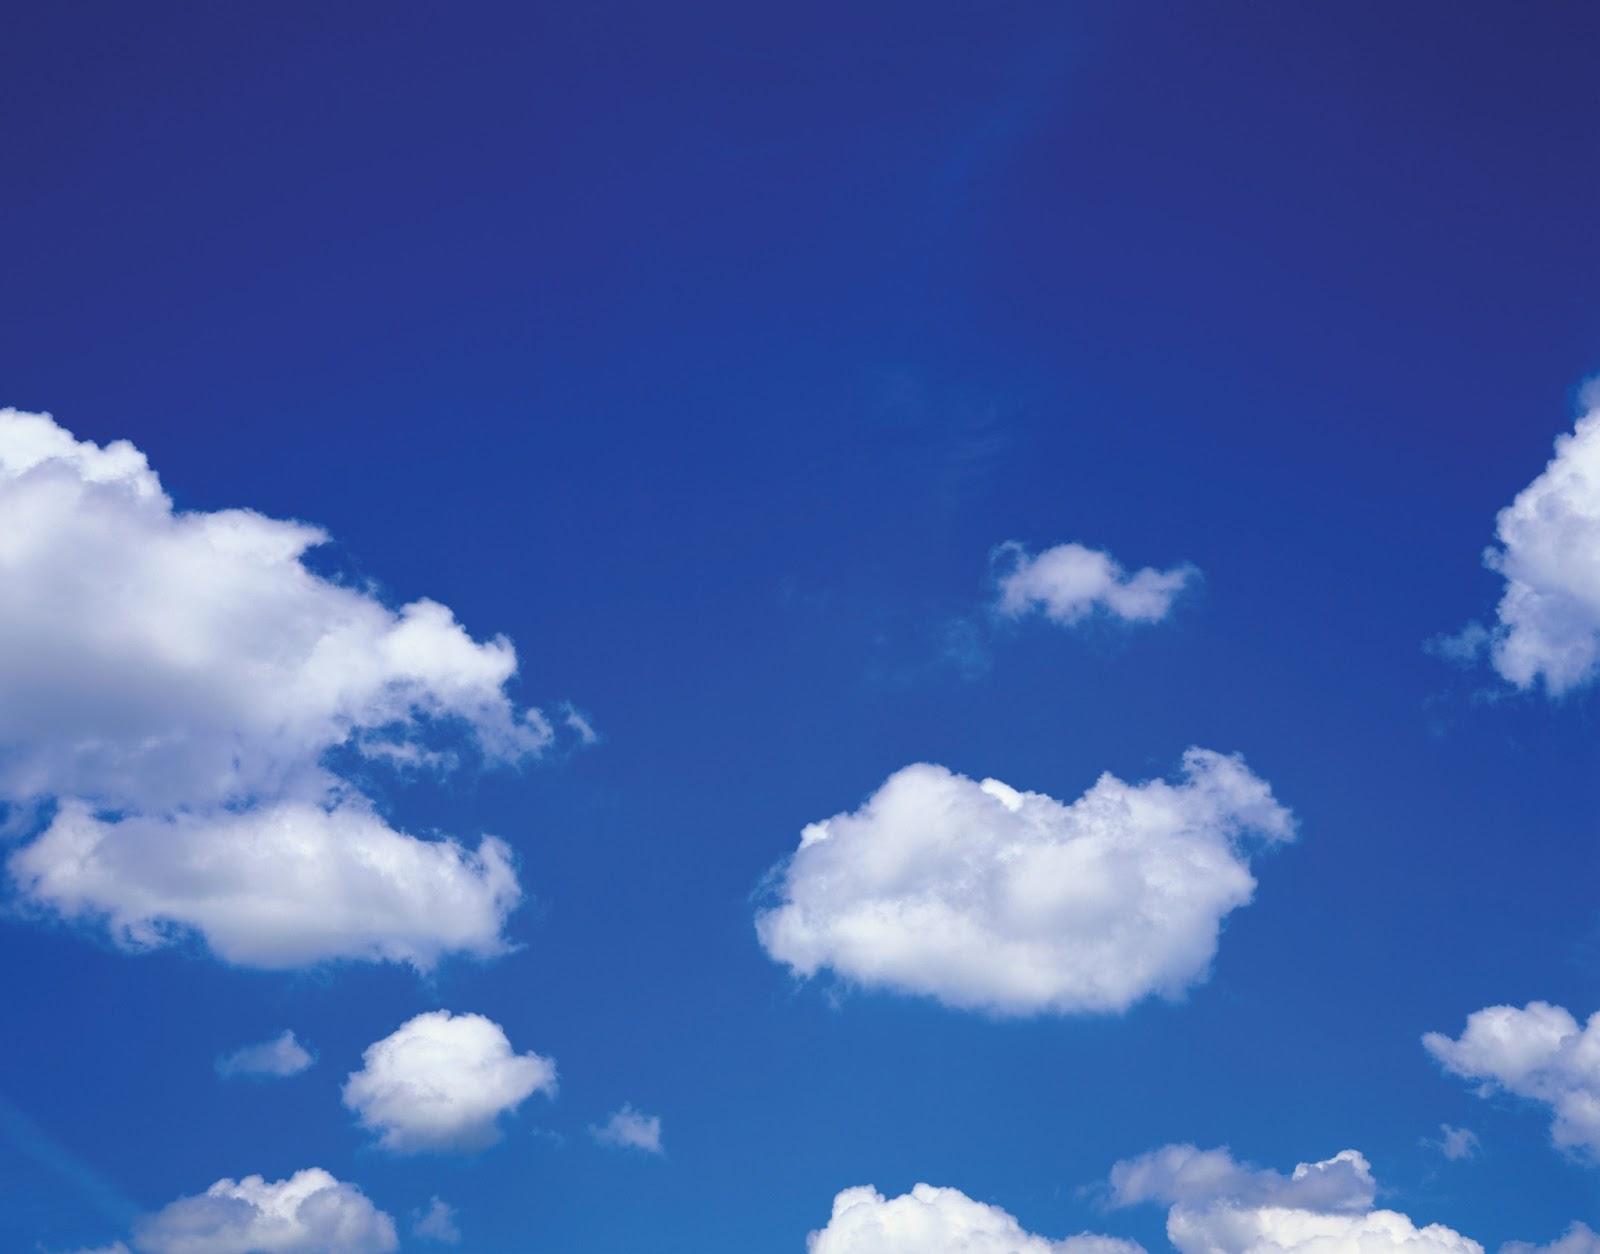 Blue Sky ~ Maybe Navy ...